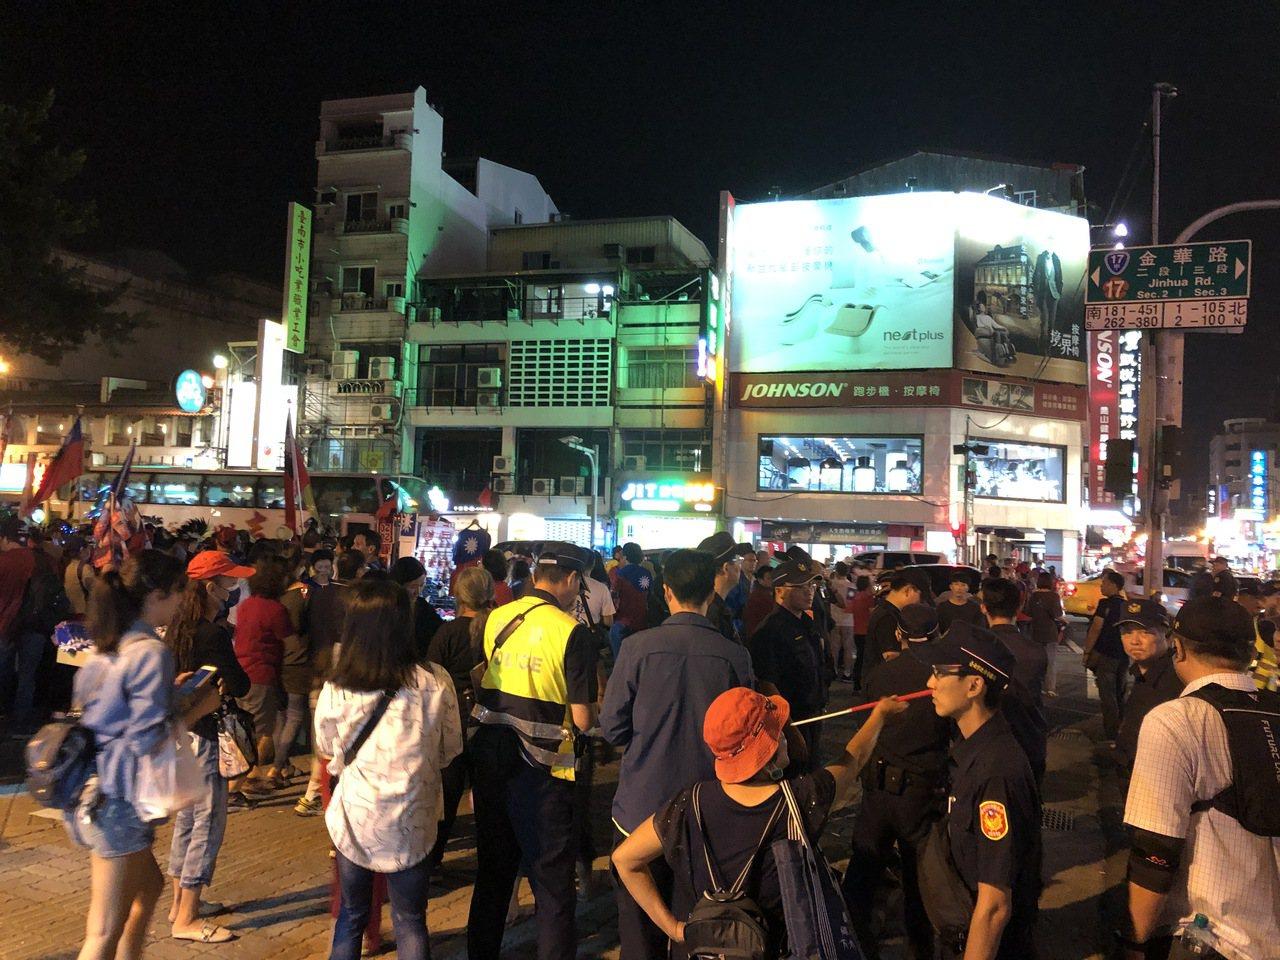 韓國瑜結束台南首場造勢晚會離場時,有人朝韓國瑜丟一顆雞蛋,不過並沒有擊中韓國瑜,...